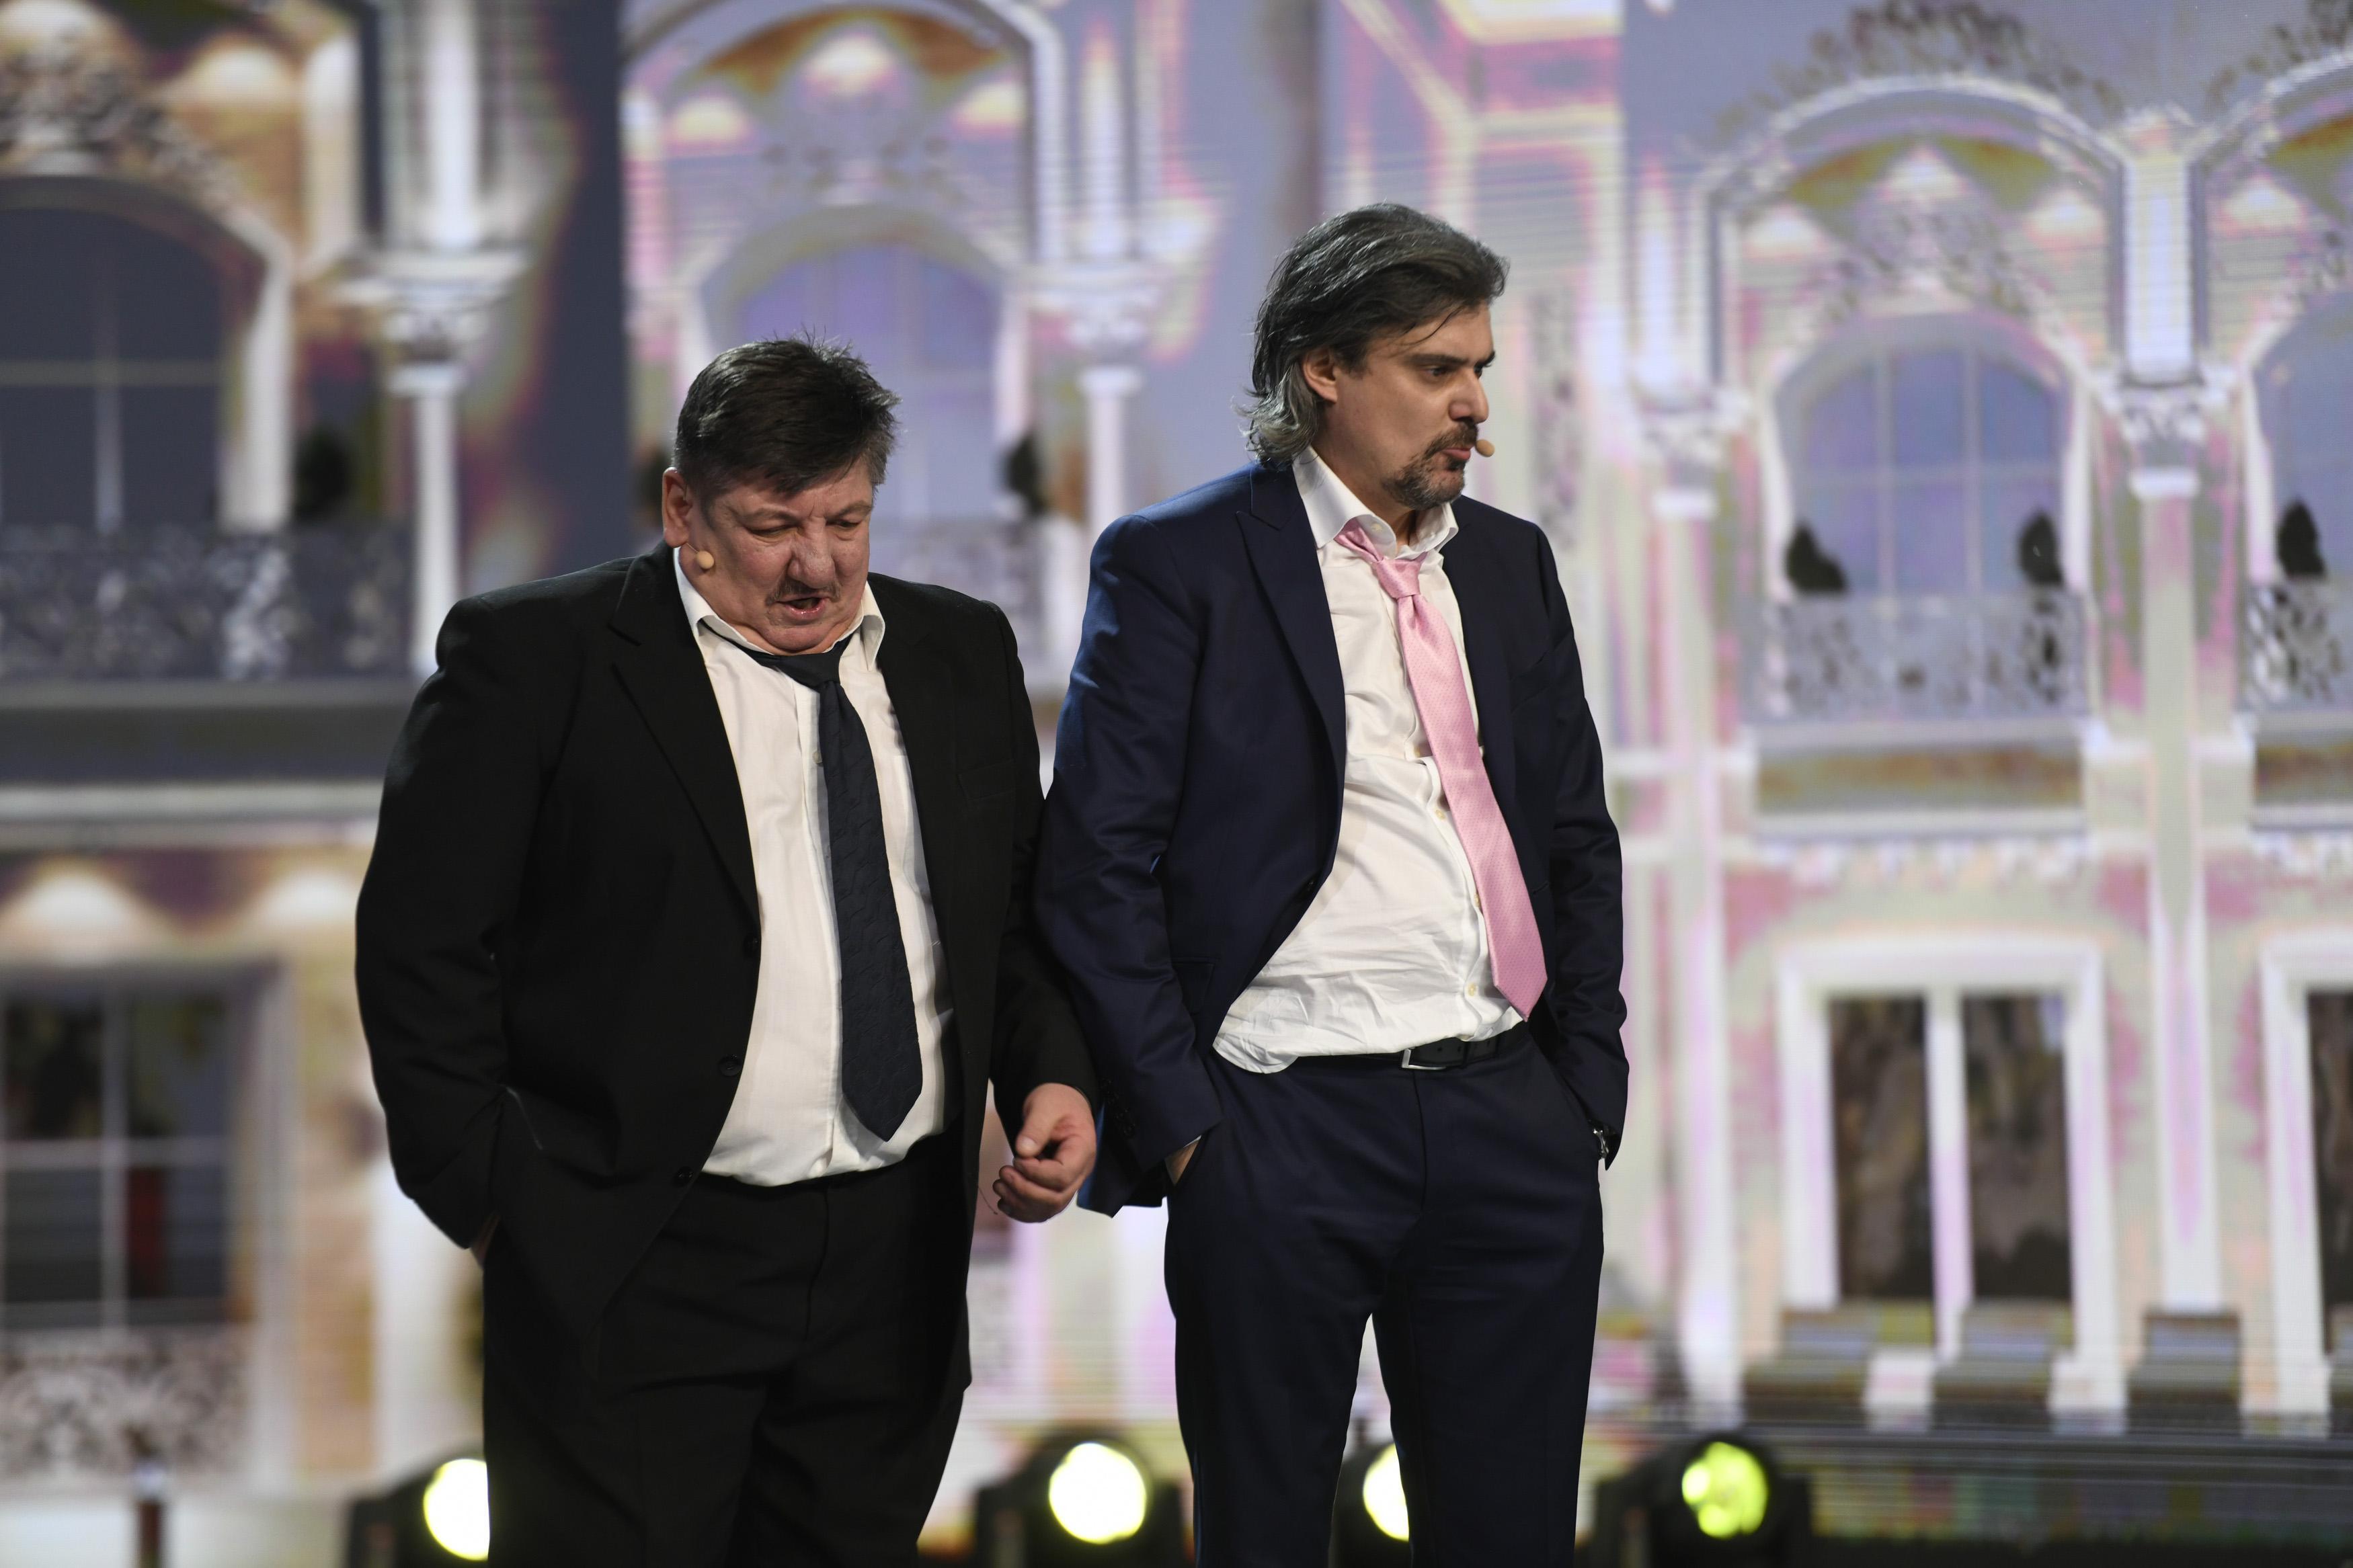 iUmor, 10 martie 2021. Gheorghe Frunză și Sorin Ciofu, sceneta de comedie care a lăsat pe toată lumea cu gura căscată